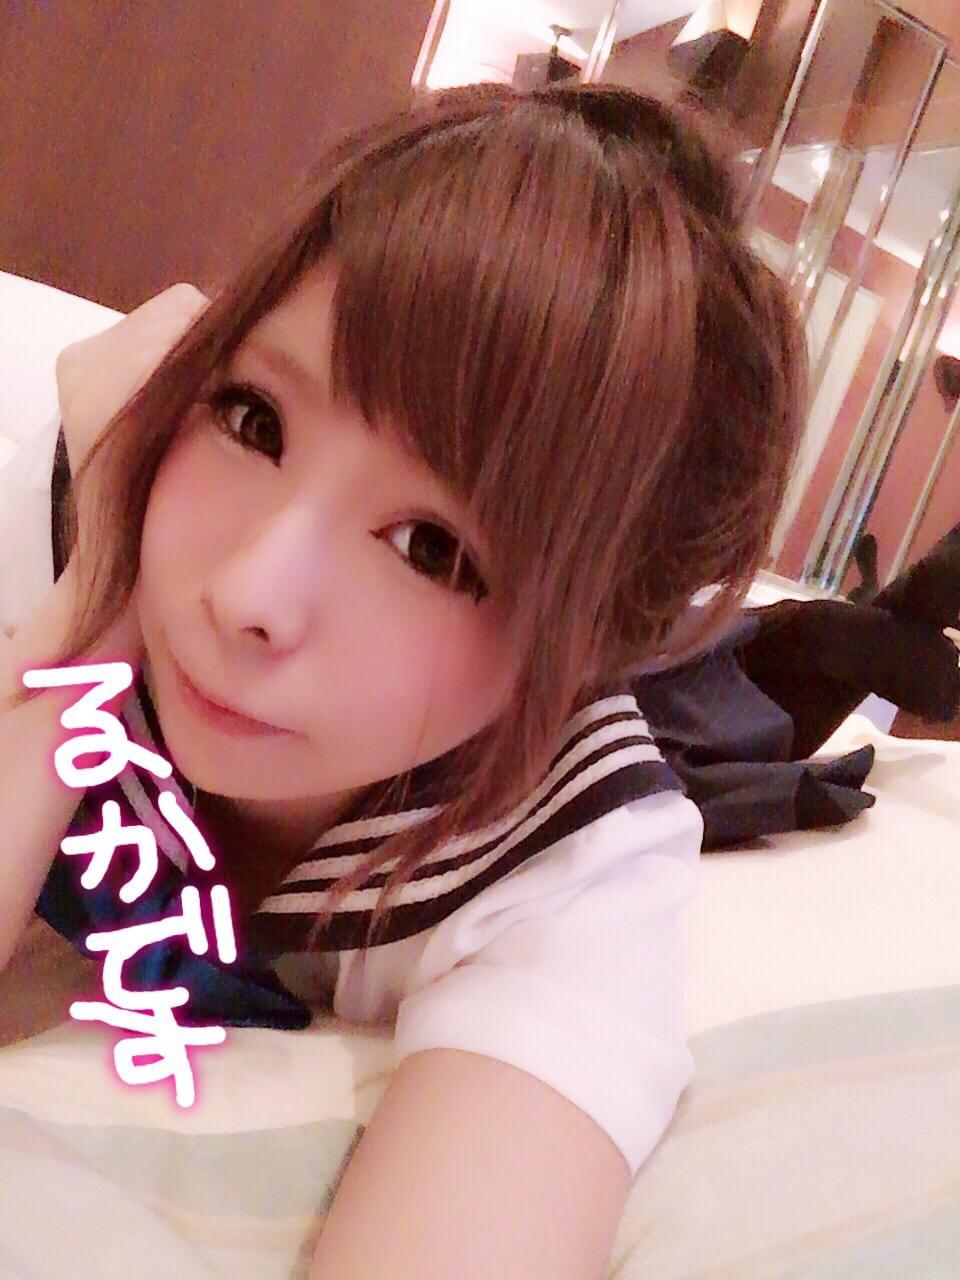 「3連休スタート(^ ^)」09/22(土) 15:58 | 【新人】るかの写メ・風俗動画